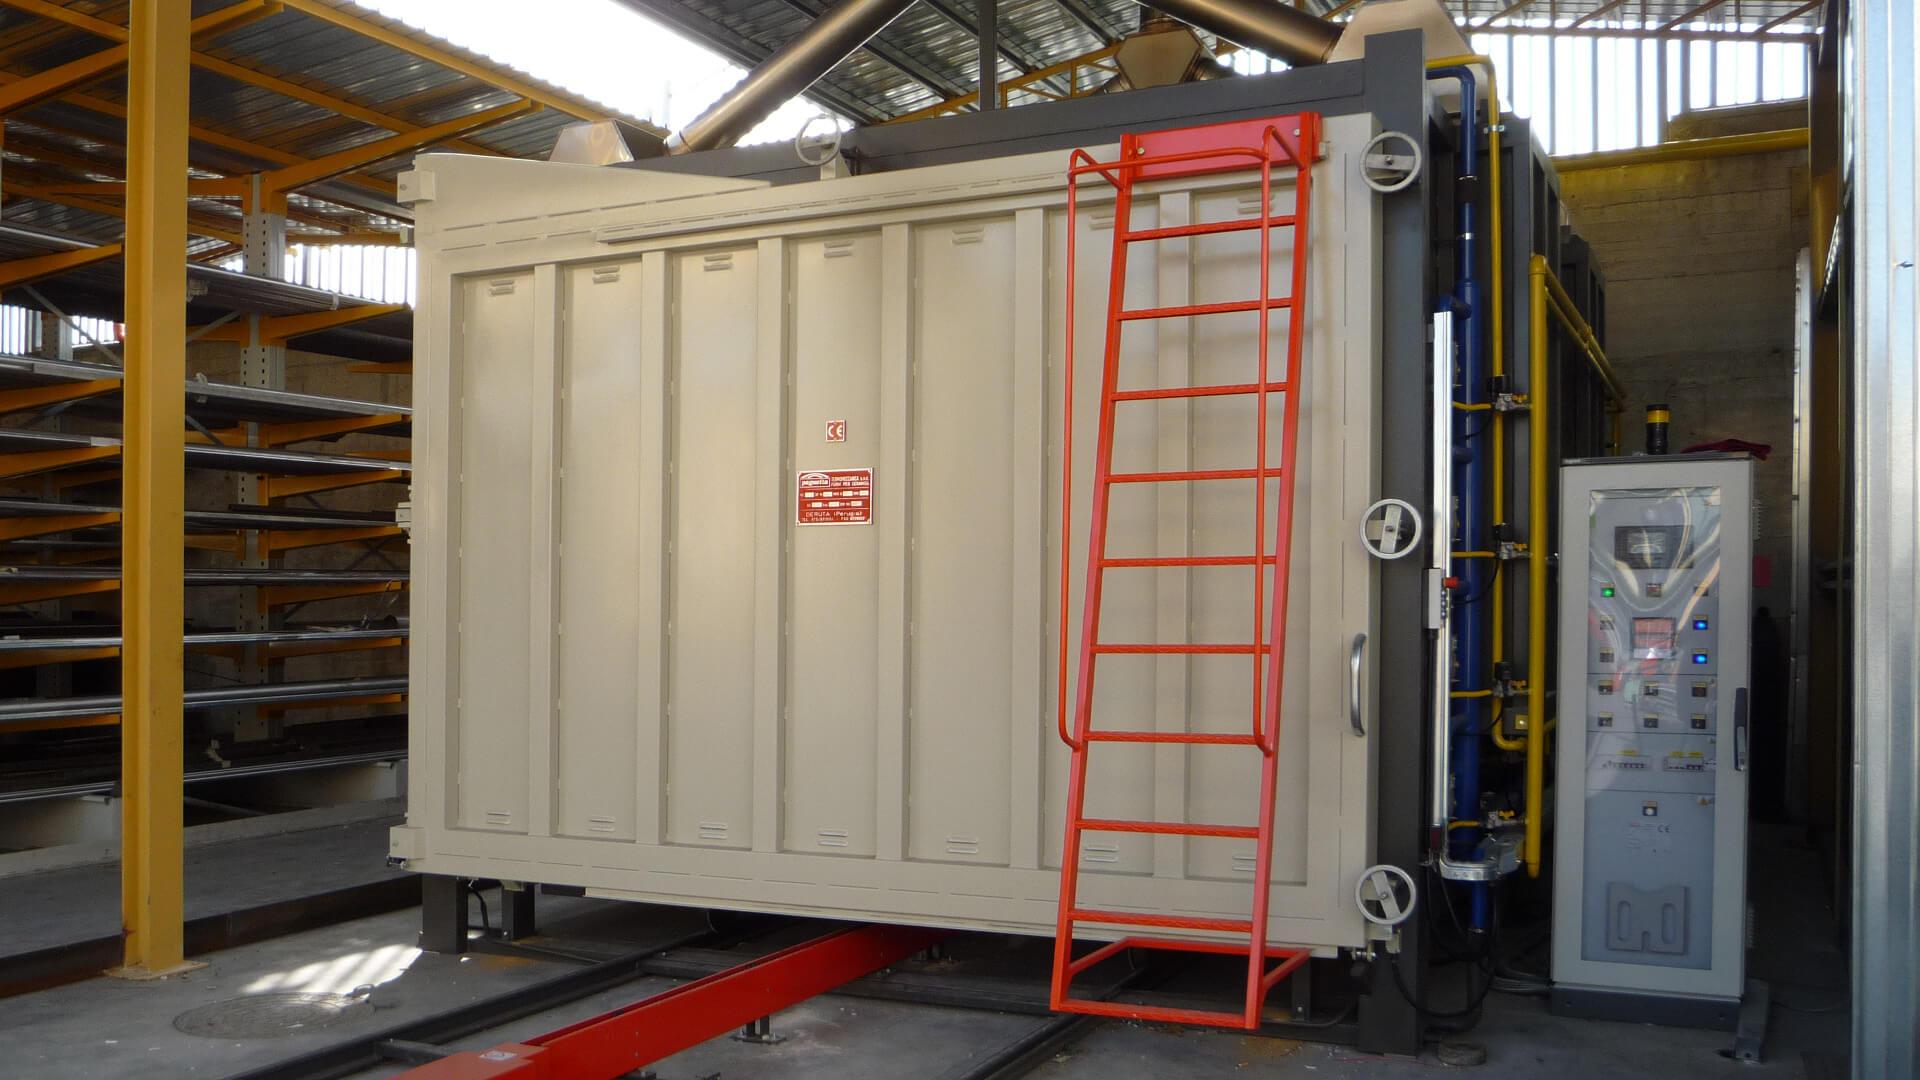 Forno industriale per Forni a carro per distensione carpenterie saldate con riscaldo a gas naturale | Pagnotta Termomeccanica